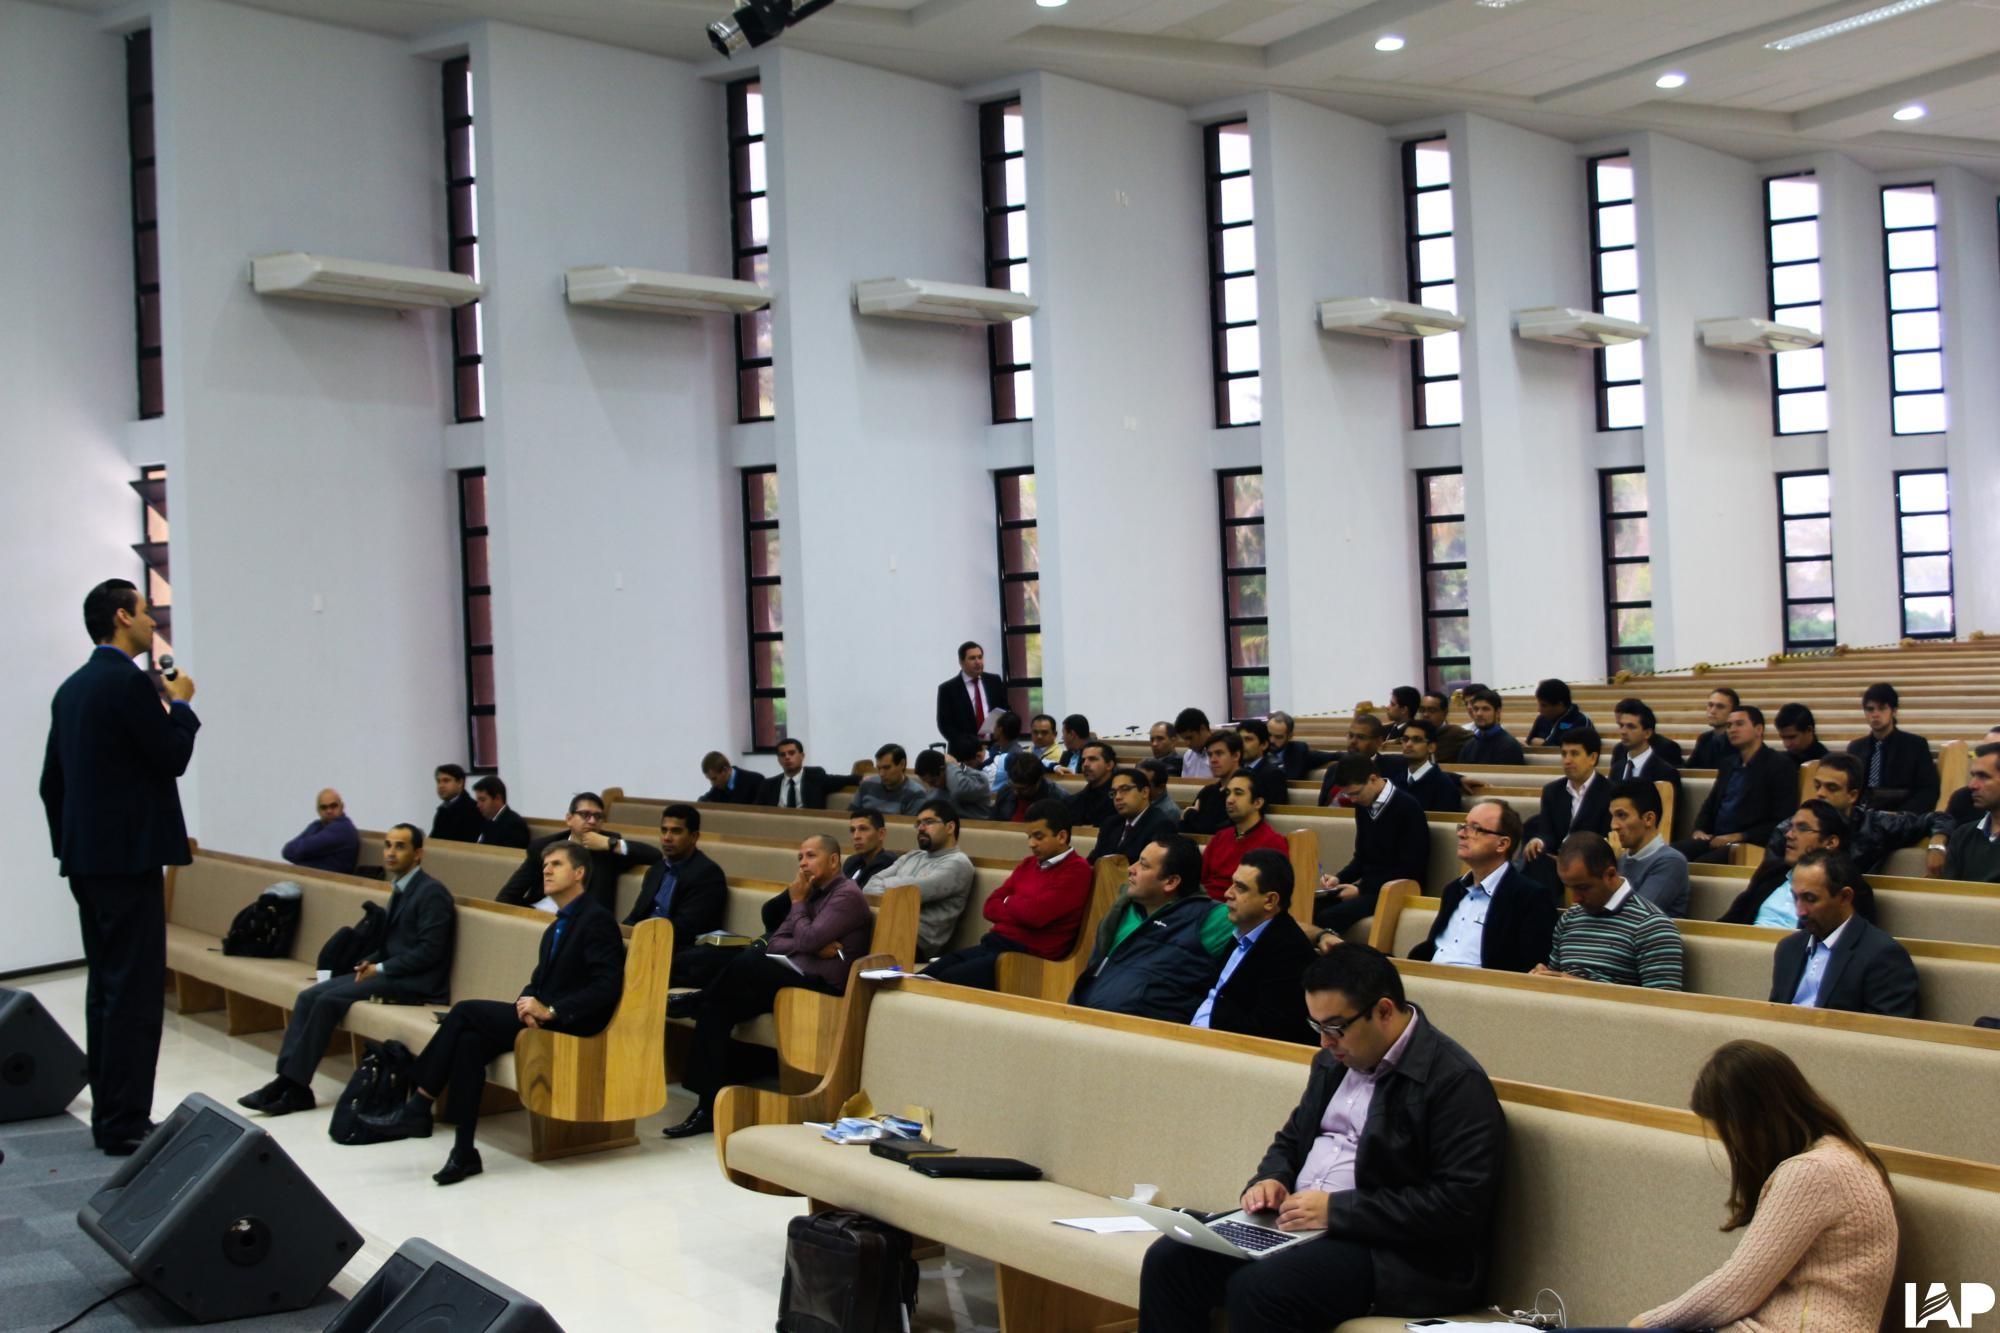 Pastores dos três estados da região sul do Brasil recebem treinamento em Ivatuba-PR